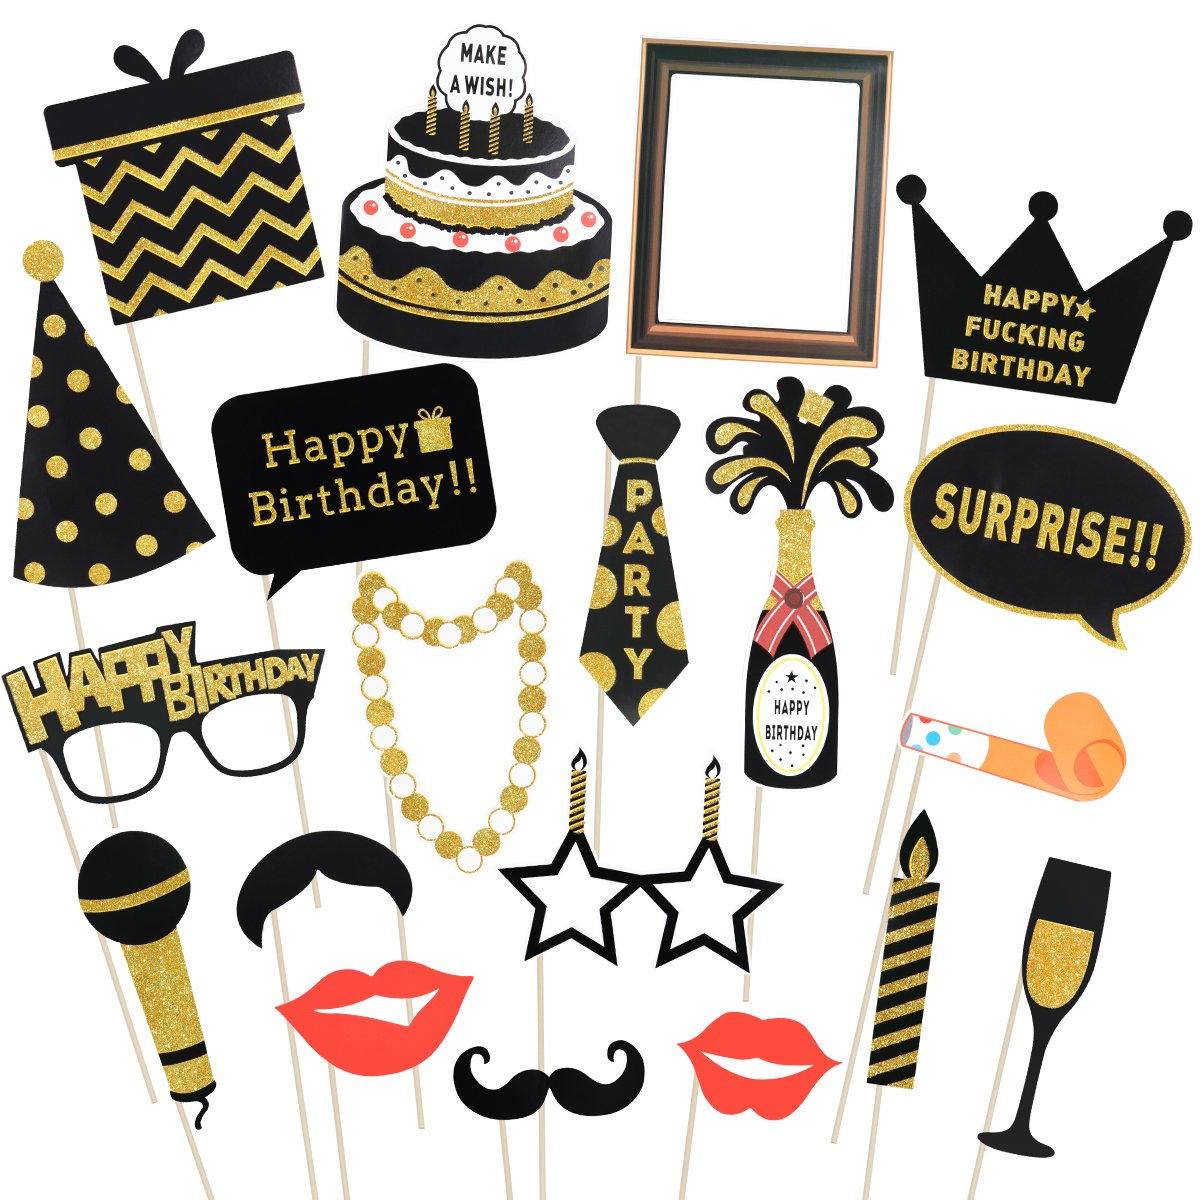 LUOEM Alles Gute Zum Geburtstag Photo Booth Requisiten Glitter Posiert Auf Einem Stock Birthday Party Supplies Packung Mit 20